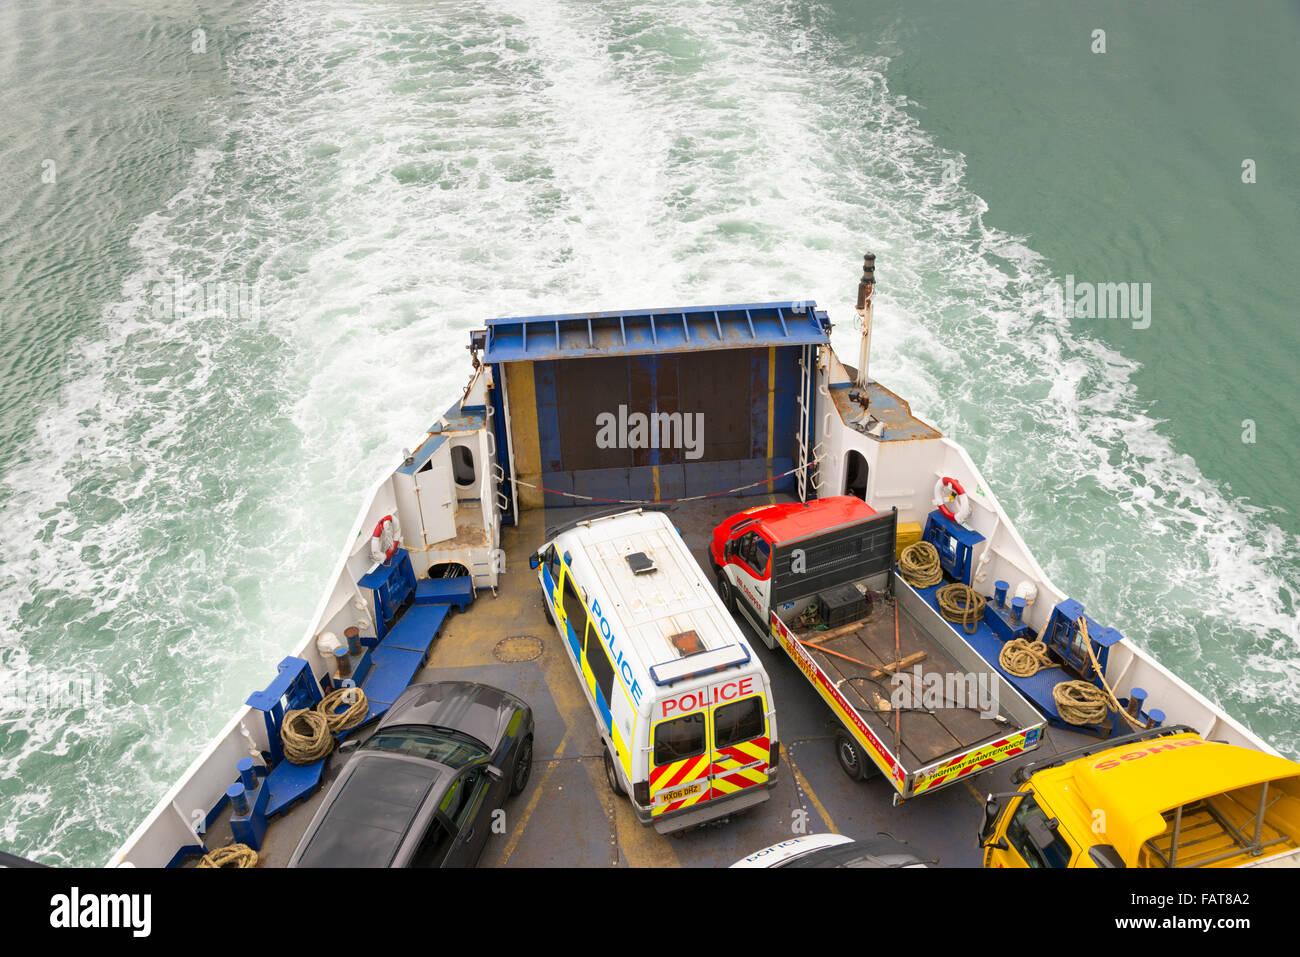 vans ferry